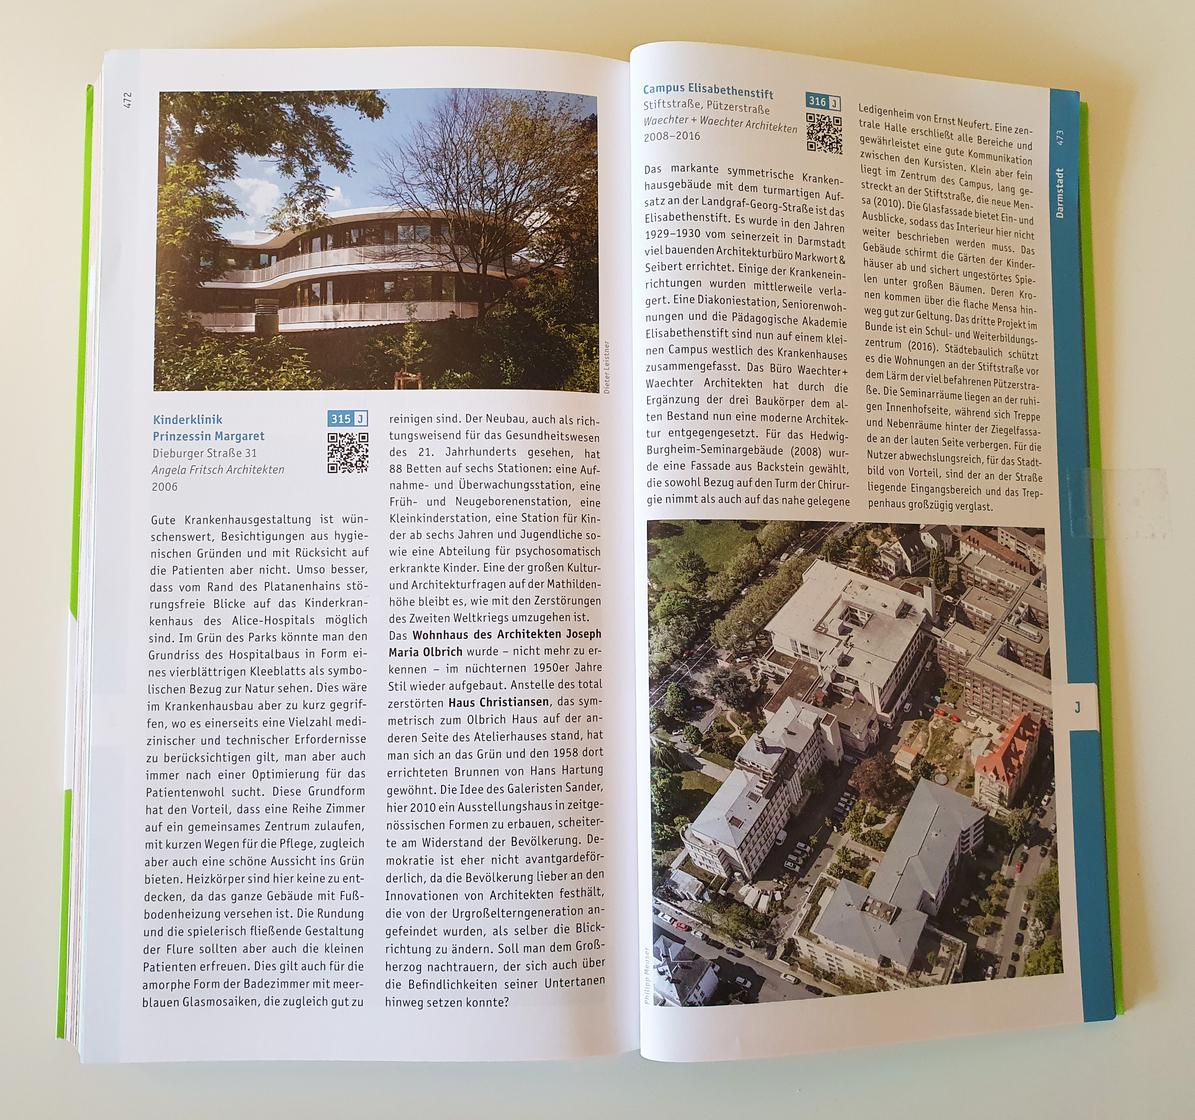 Architekturführer Metropolregion Frankfurt Rhein-Main_Pädagogische Akademie Elisabethenstif Darmstadt